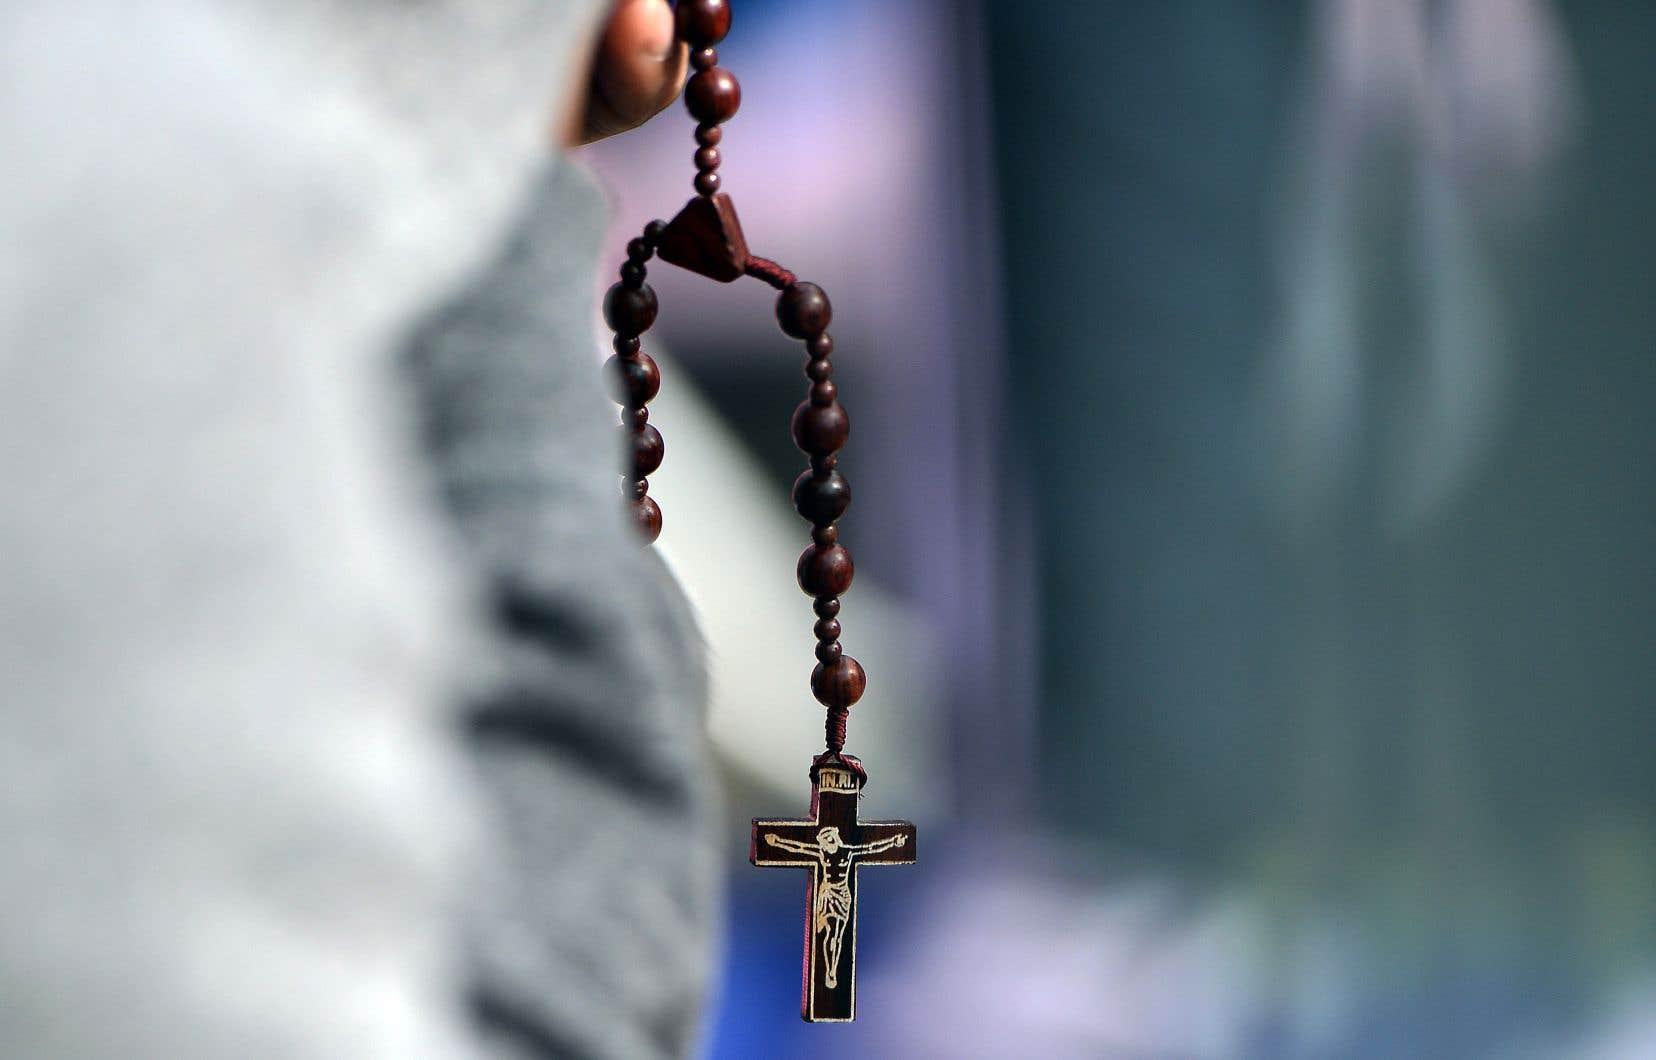 Ce n'est pas la première fois qu'un jury populaire publie un rapport dévoilant des cas de pédophilie au sein de l'Église catholique américaine, mais jamais une enquête n'avait révélé autant de cas.